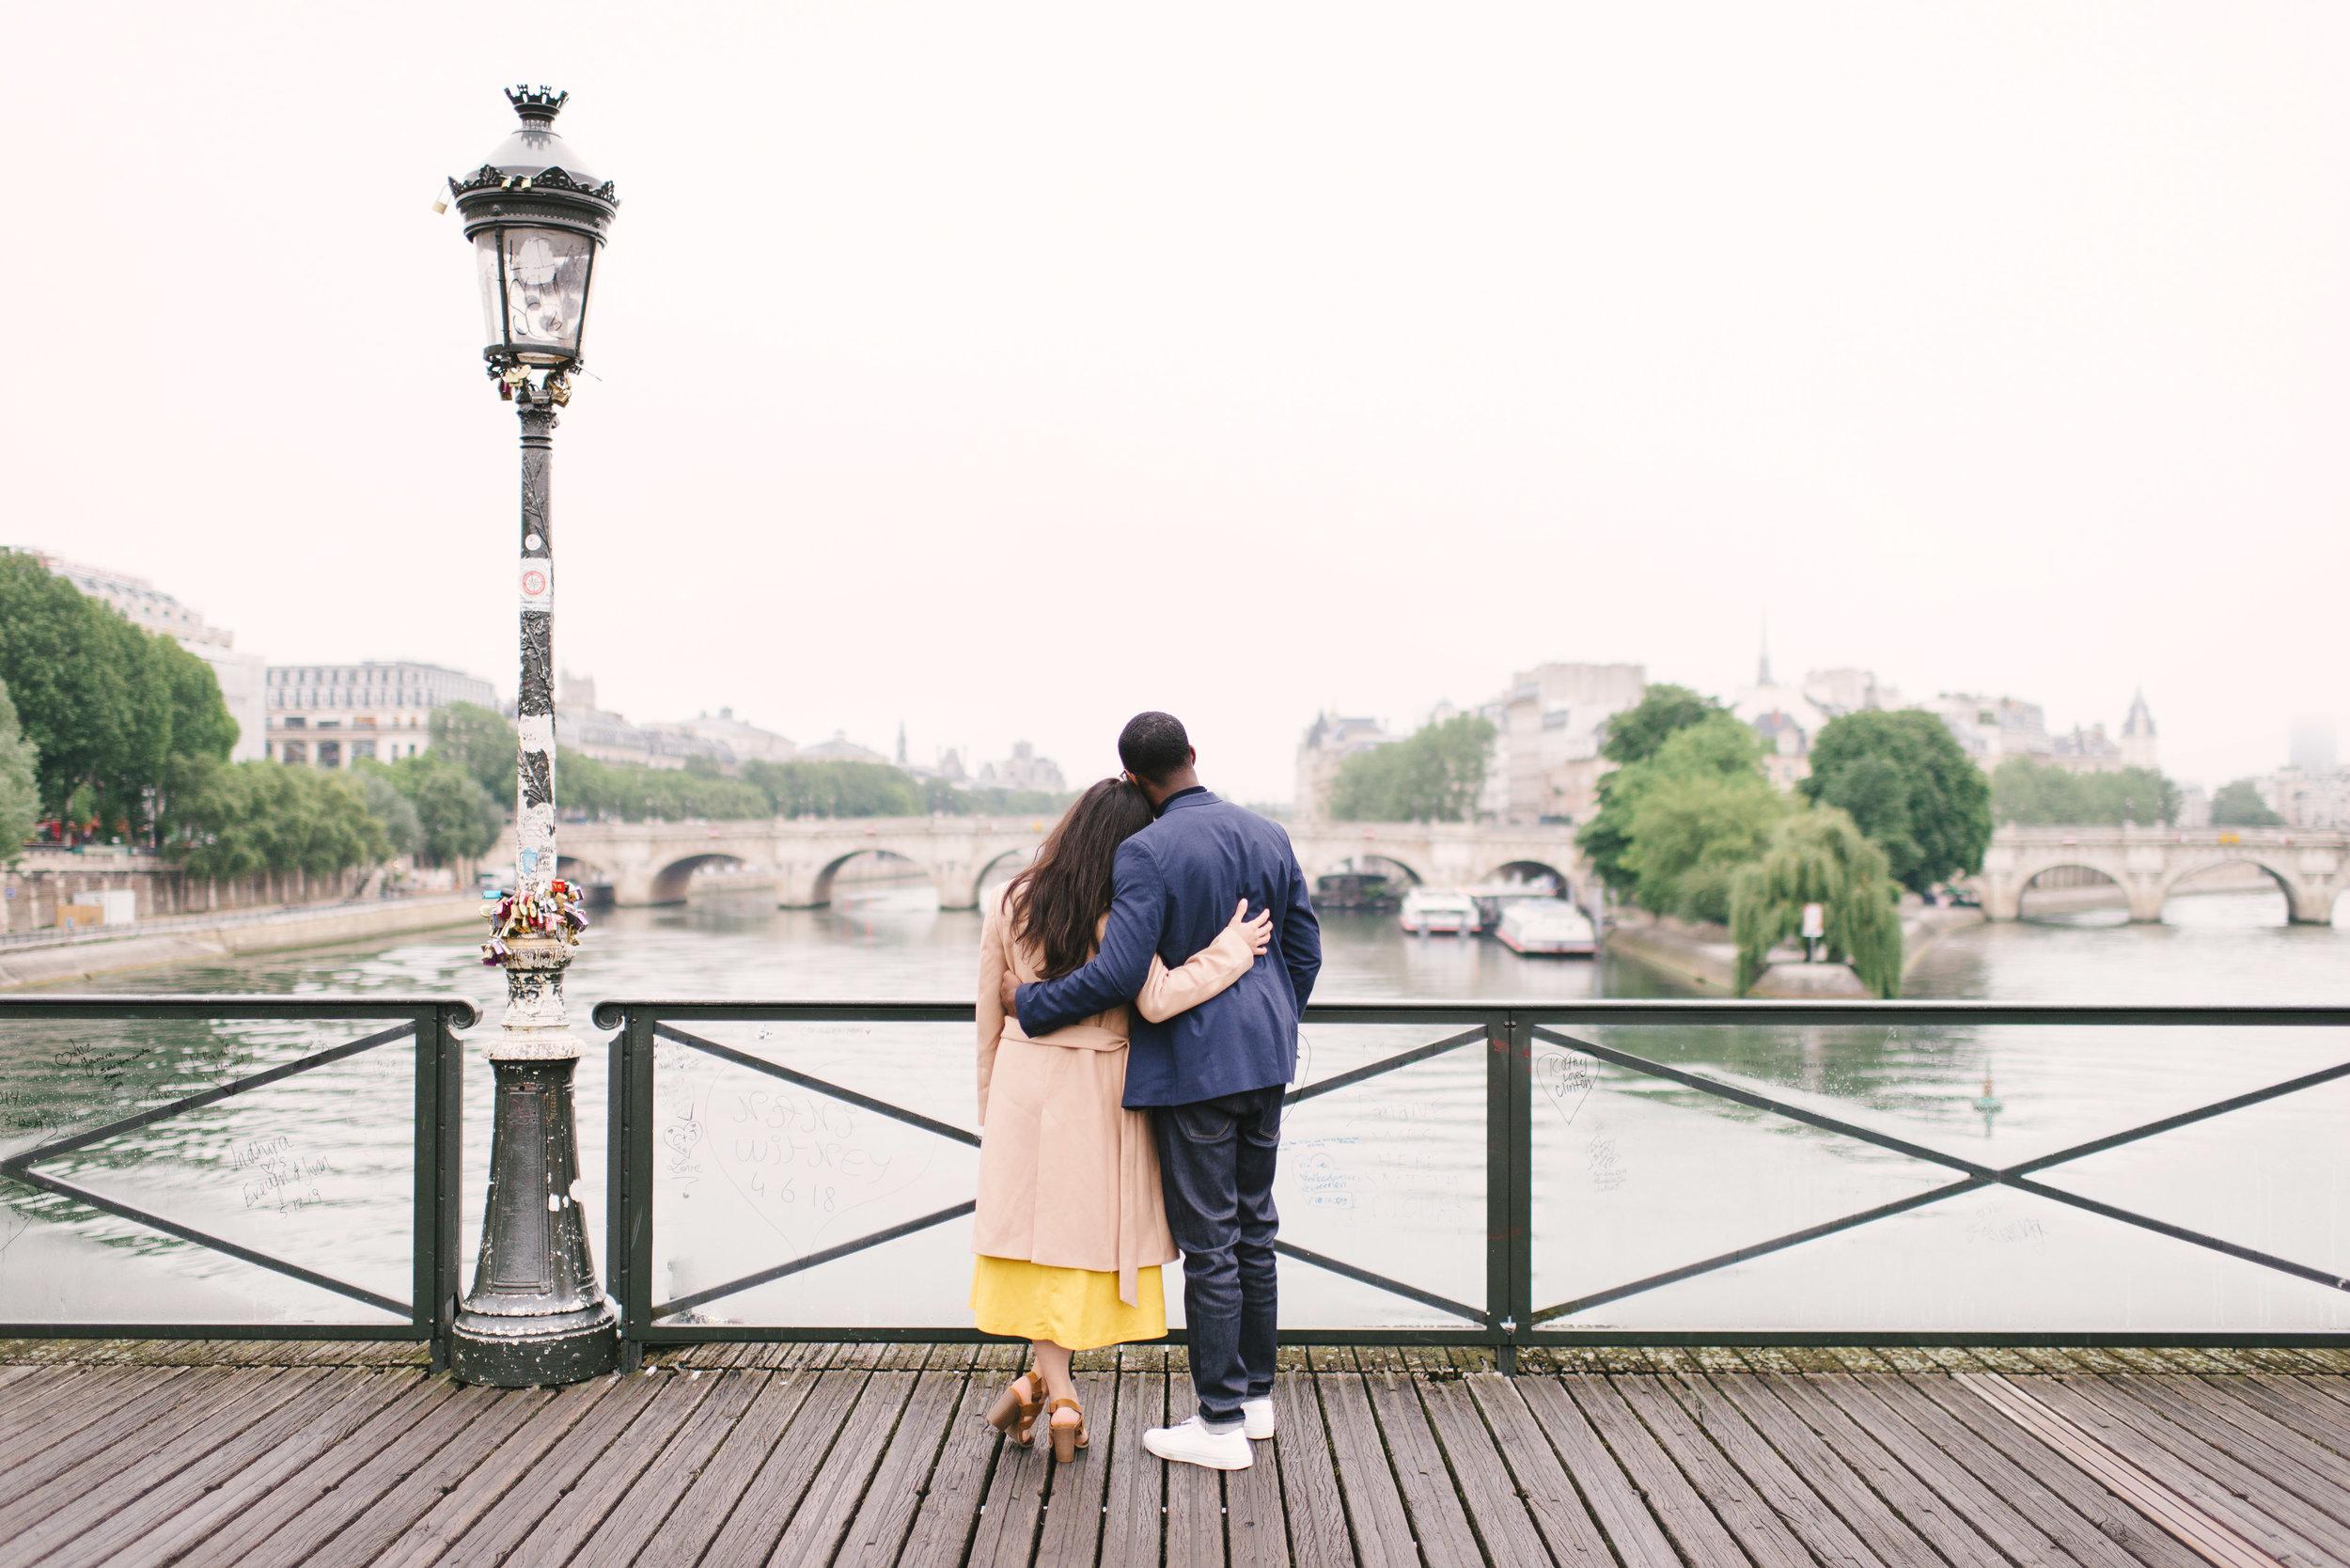 Couple-photoshoot-Paris-Pont-des-arts-Louvre-PalaisRoyale-016.jpg